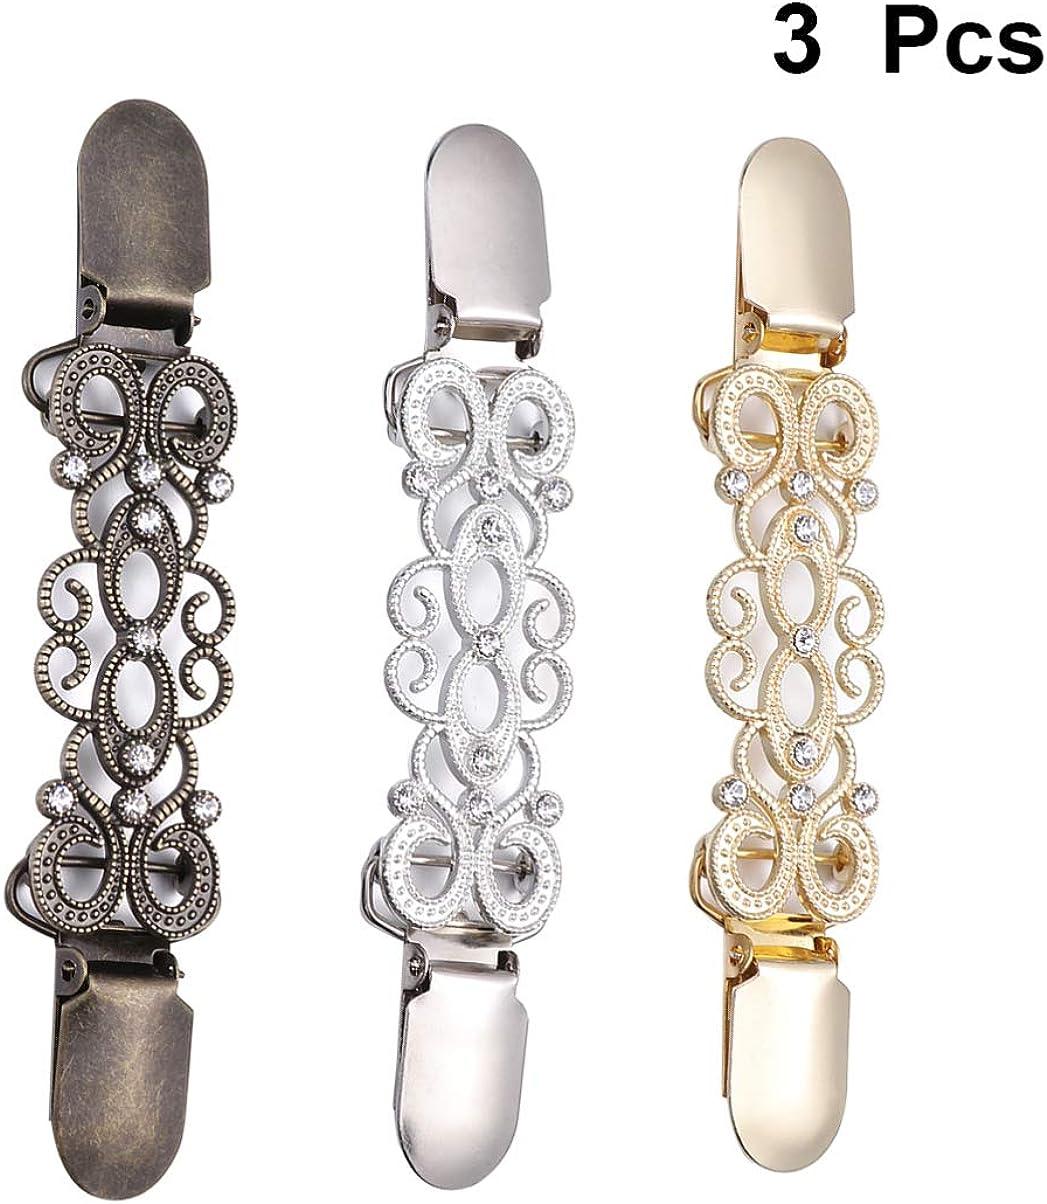 VALICLUD 3 ST/ÜCK Frauen Pullover Clips Kreative Legierung Diamant Strickjacke Verbindung Schnallen Kragen Clips Goldene, alte Silber und Antike Bronze